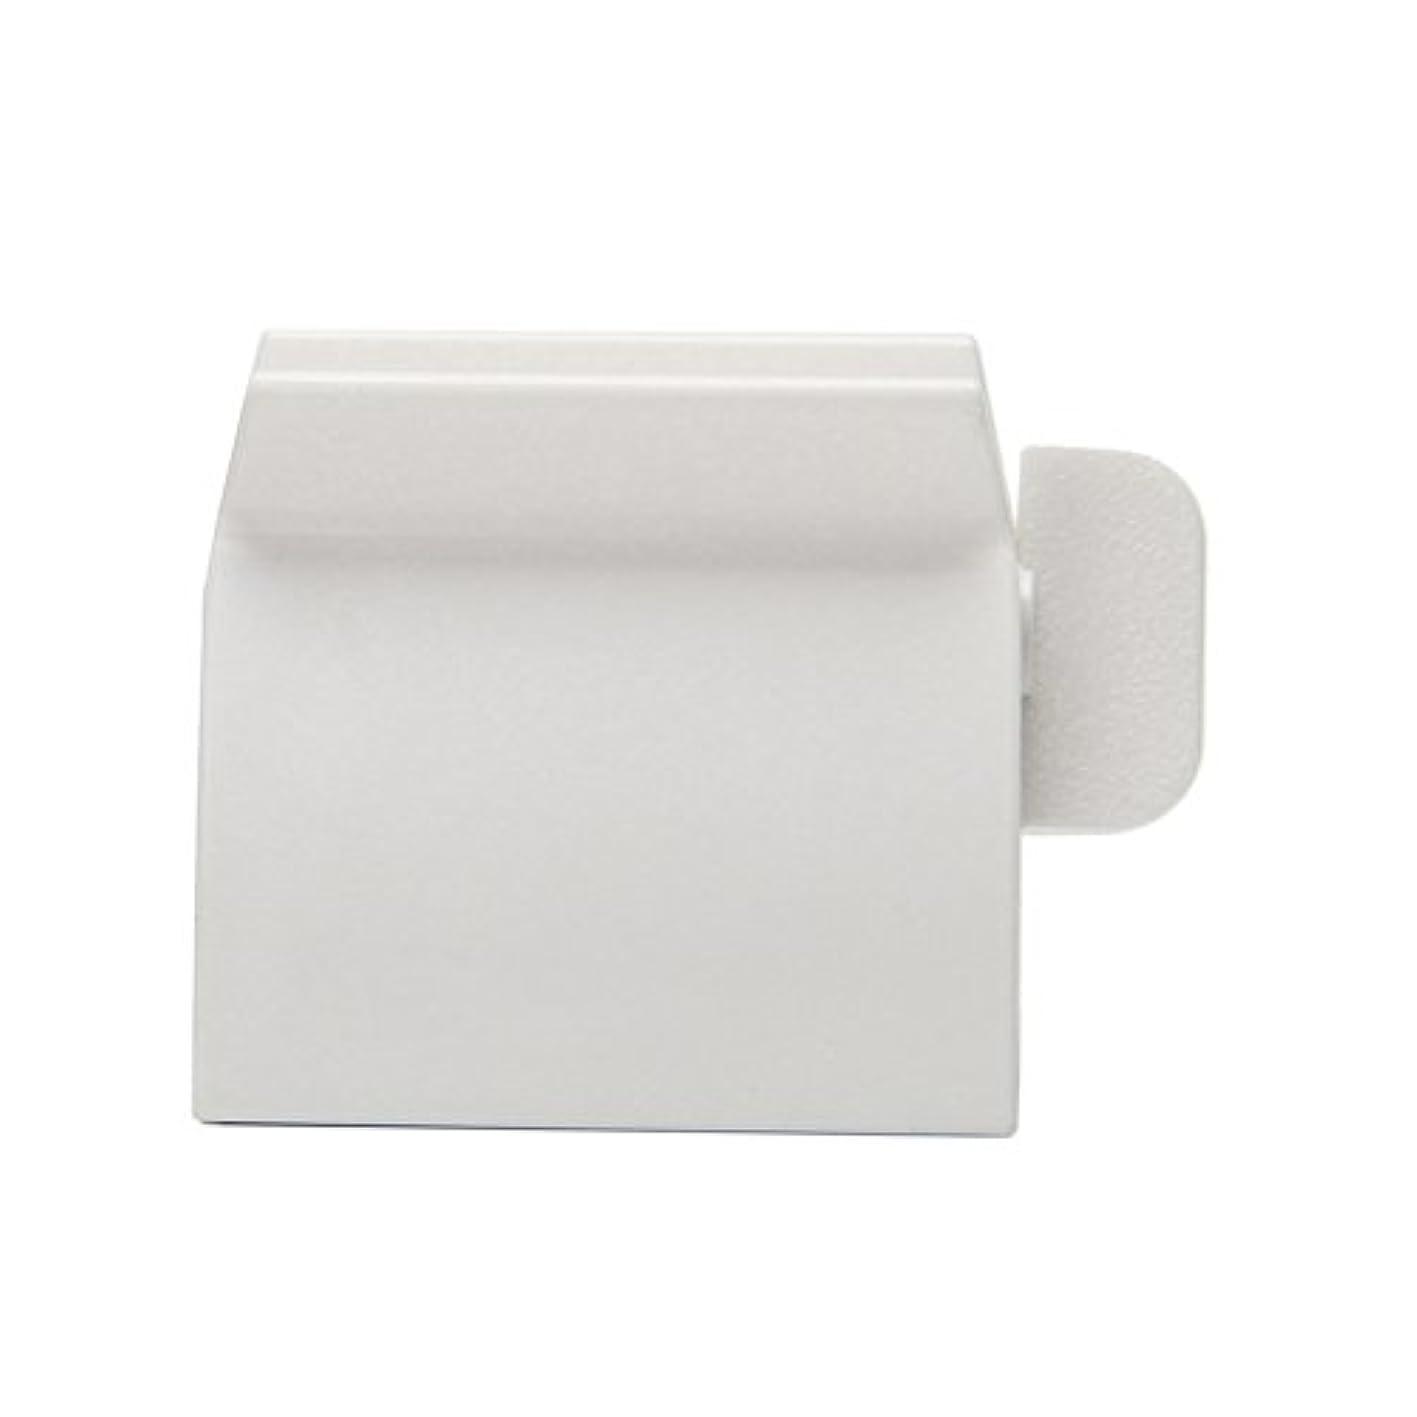 演じるかご上に築きますLamdoo浴室ホームチューブローリングホルダースクイーザ簡単歯磨き粉ディスペンサー